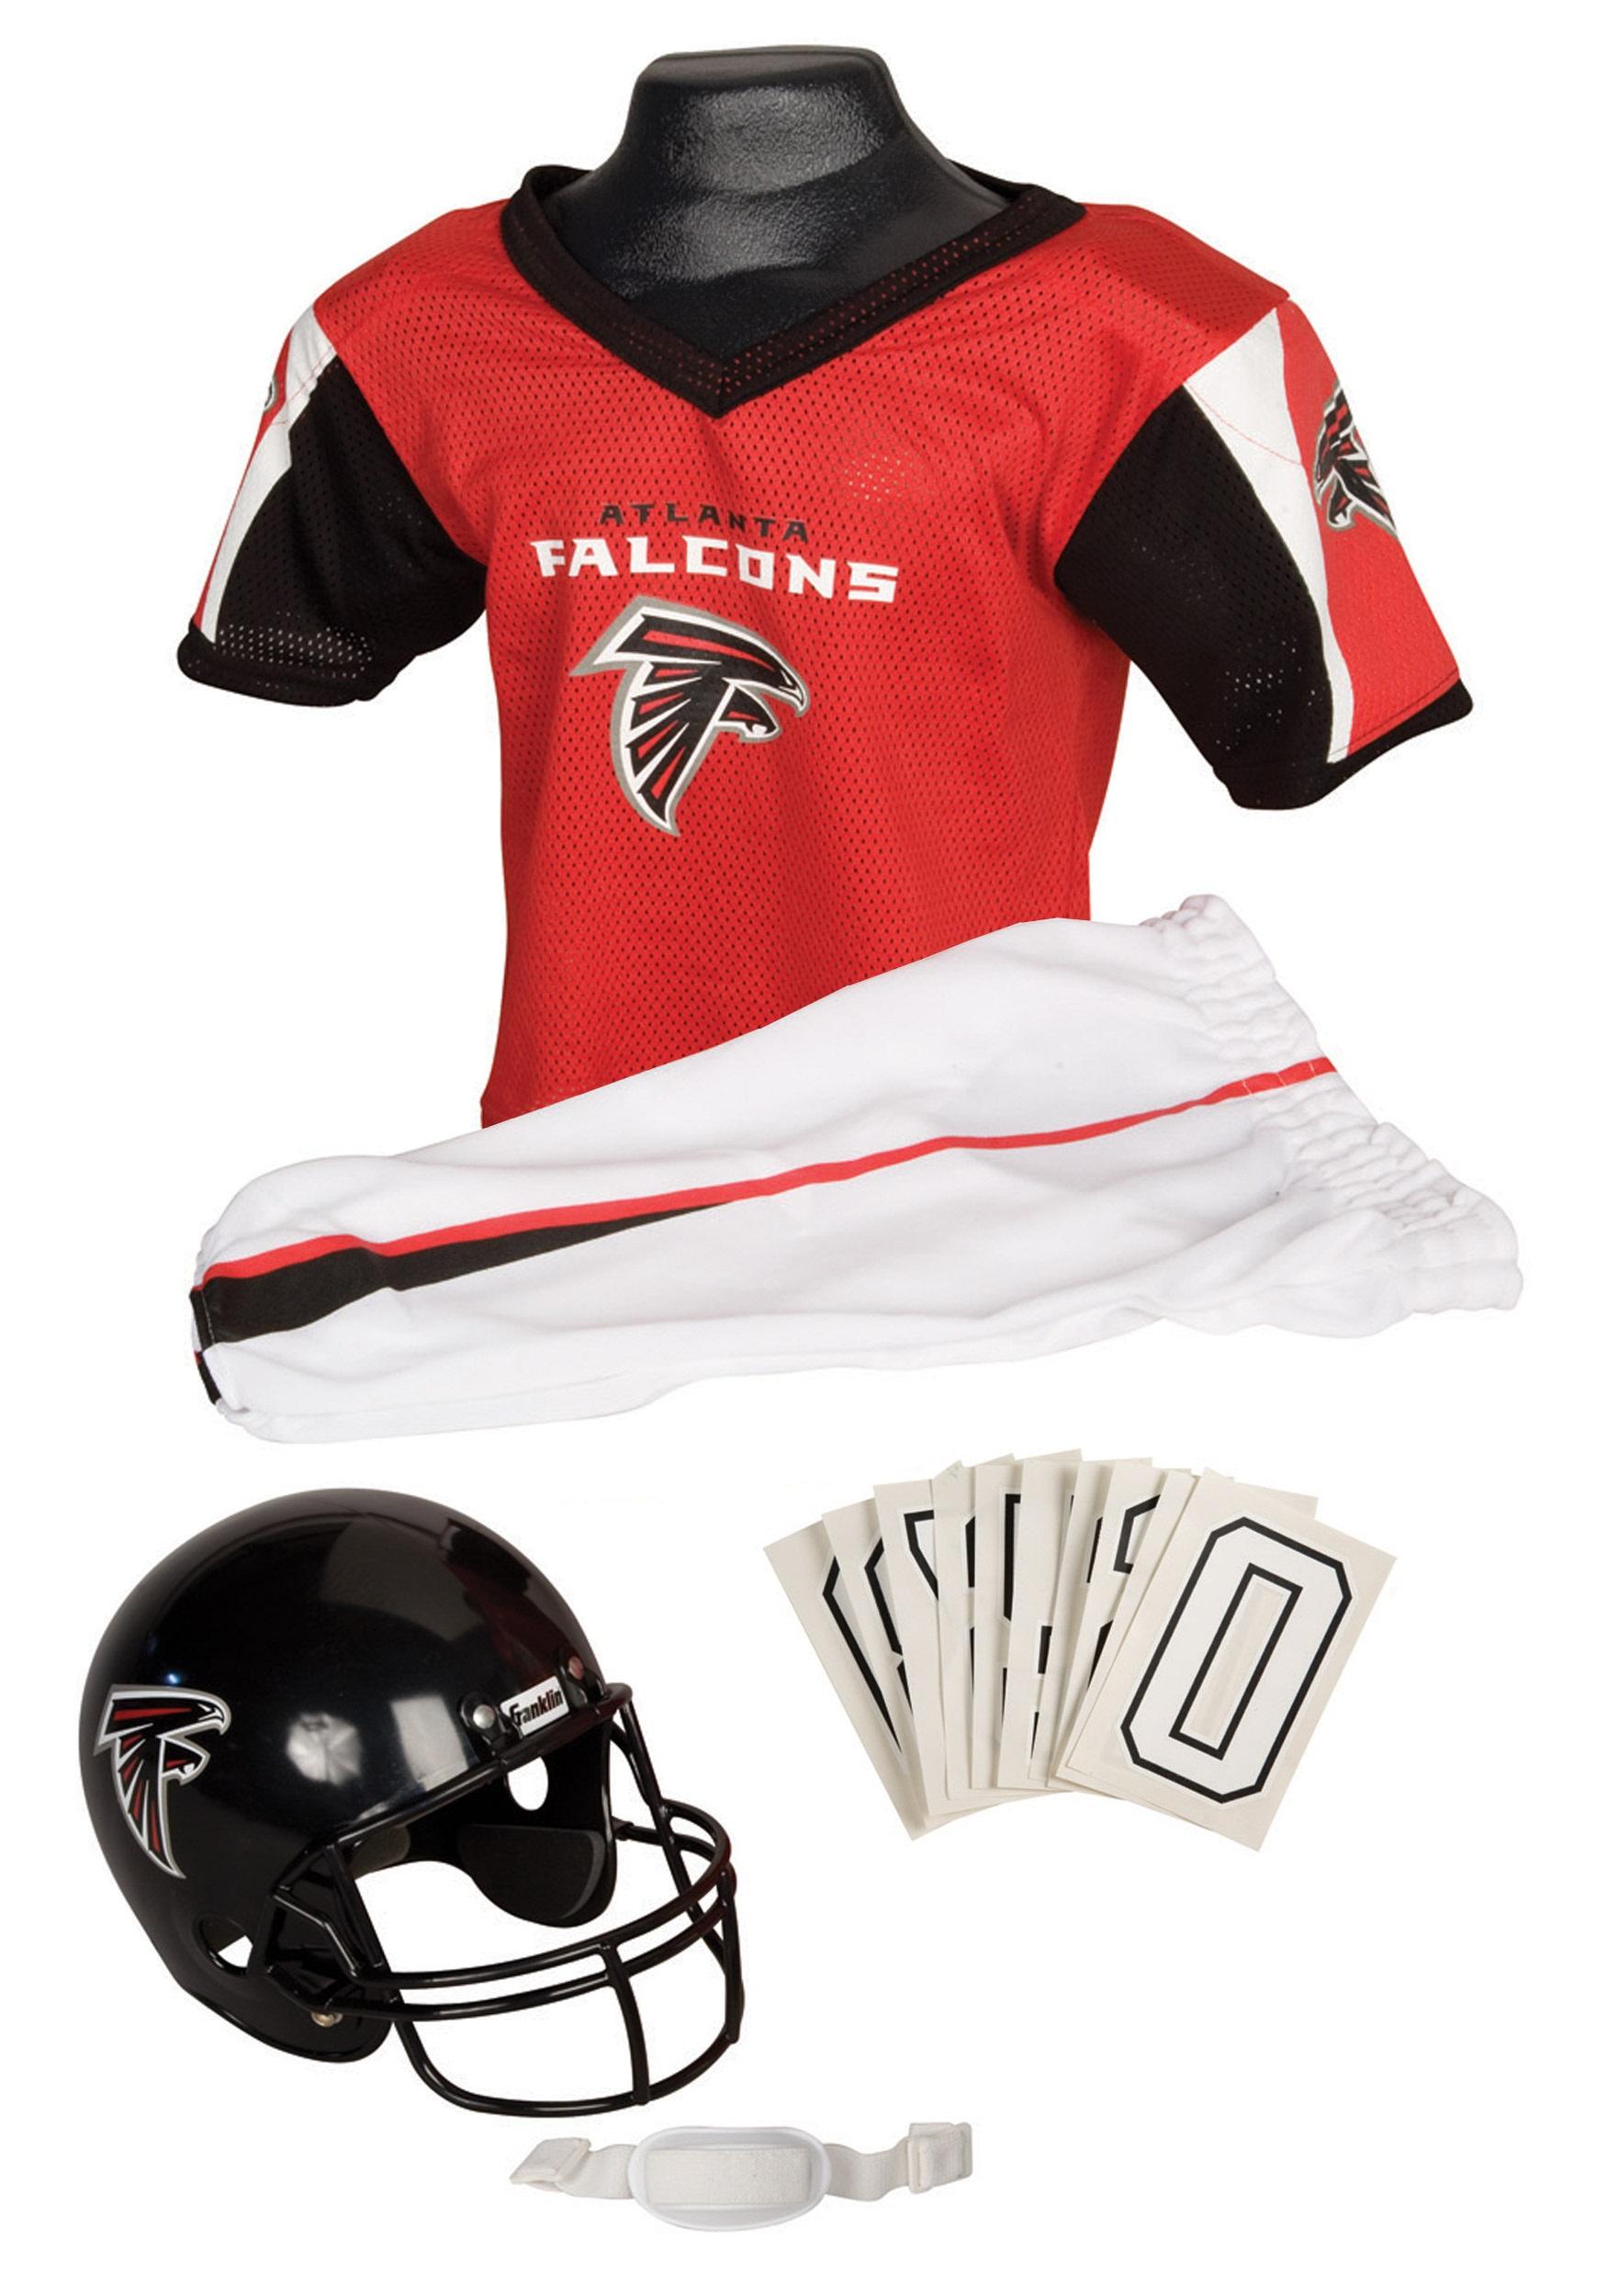 1f68d5db396 NFL Falcons Uniform Costume for Kids